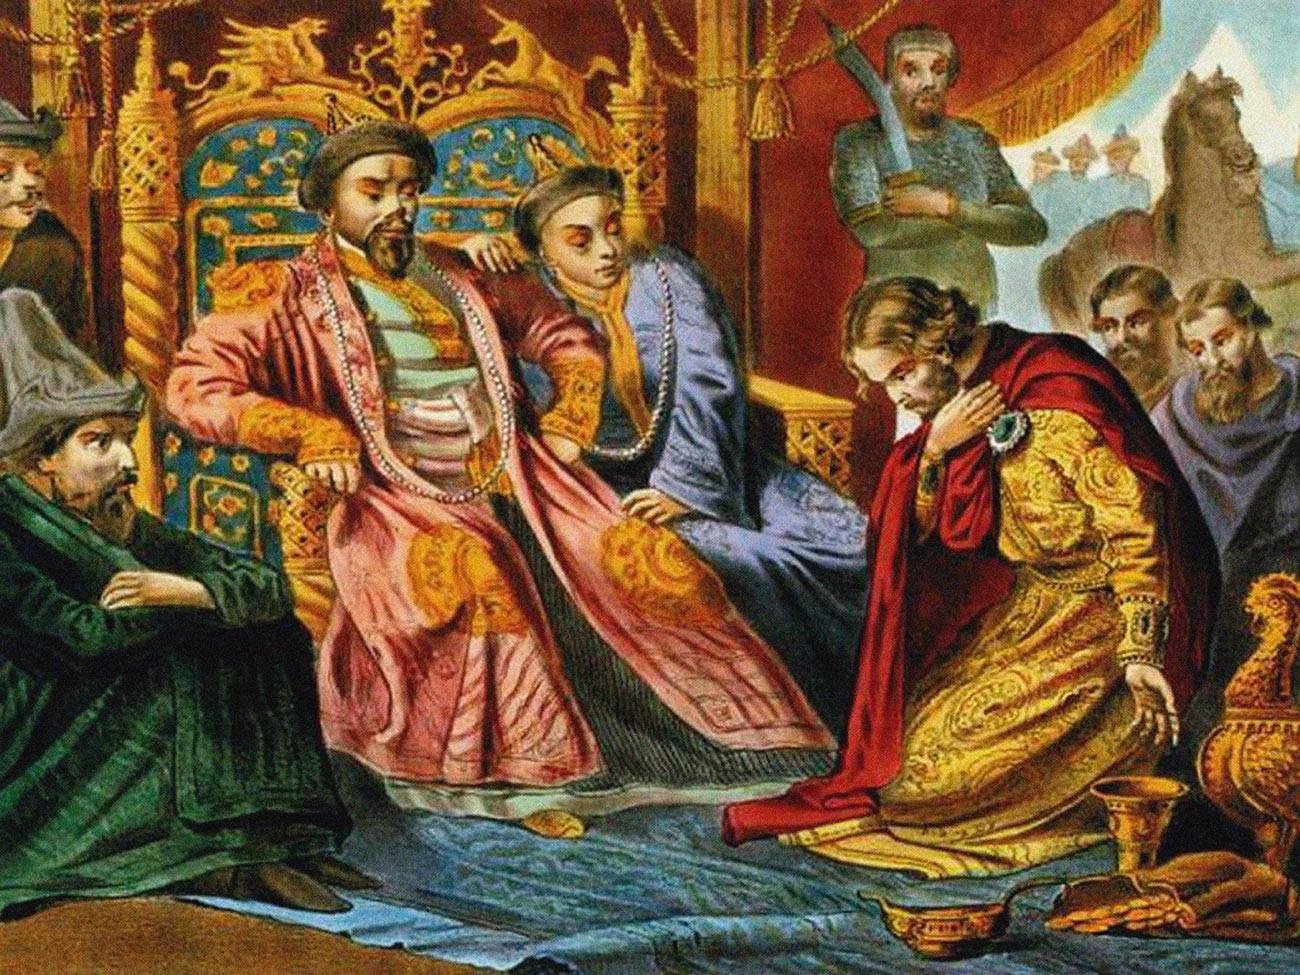 Княз Александър Невски моли Бату хан за милост към Русия, в края на XIX в.